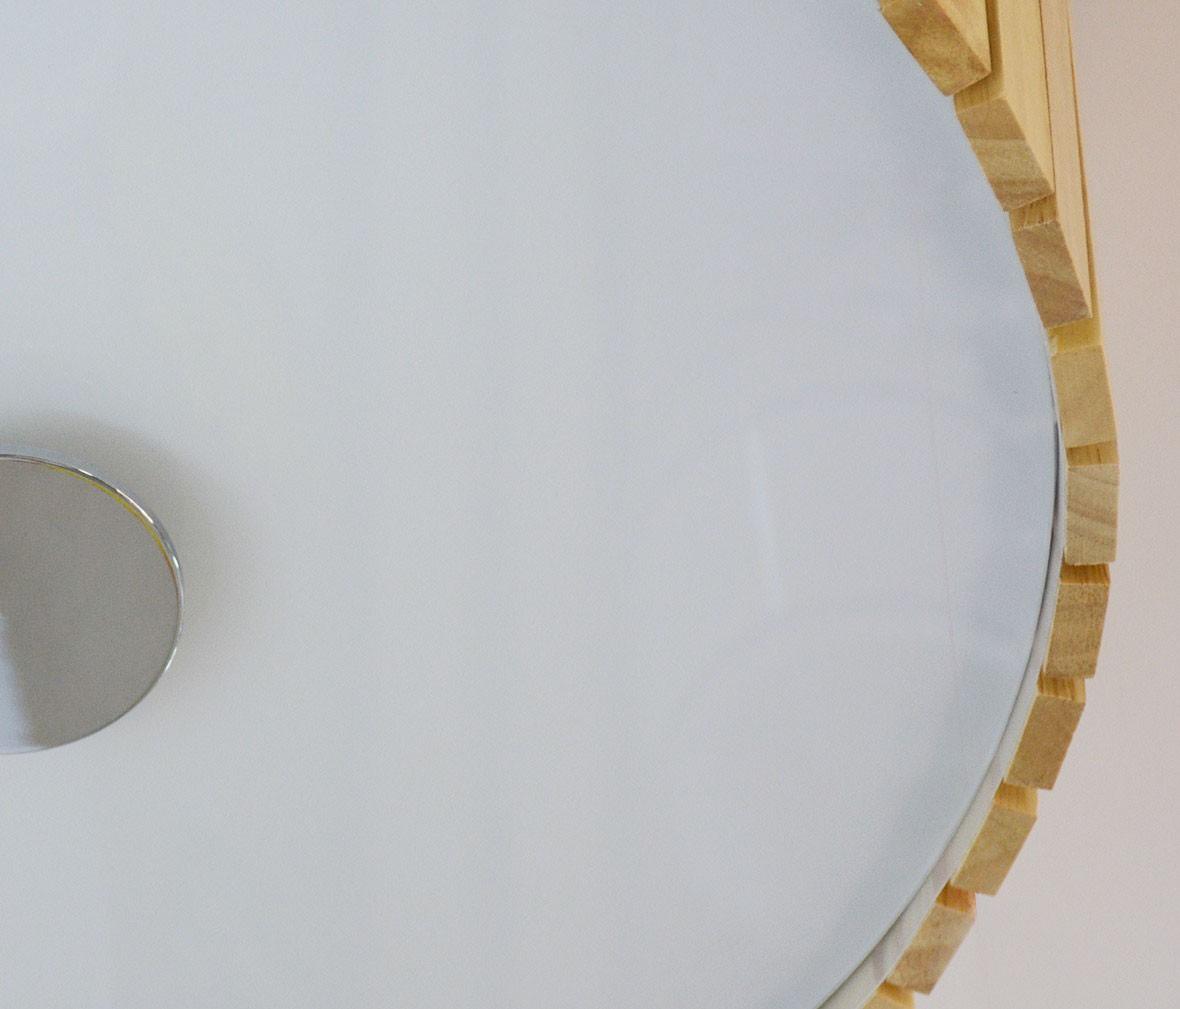 阿尼玛灯饰 C-8338/500型号吊灯 实木+PVC材质 LED光源 图片、价格、品牌、评测样样齐全!【蓝景商城正品行货,蓝景丽家大钟寺家居广场提货,北京地区配送,领券更优惠,线上线下同品同价,立即购买享受更多优惠哦!】